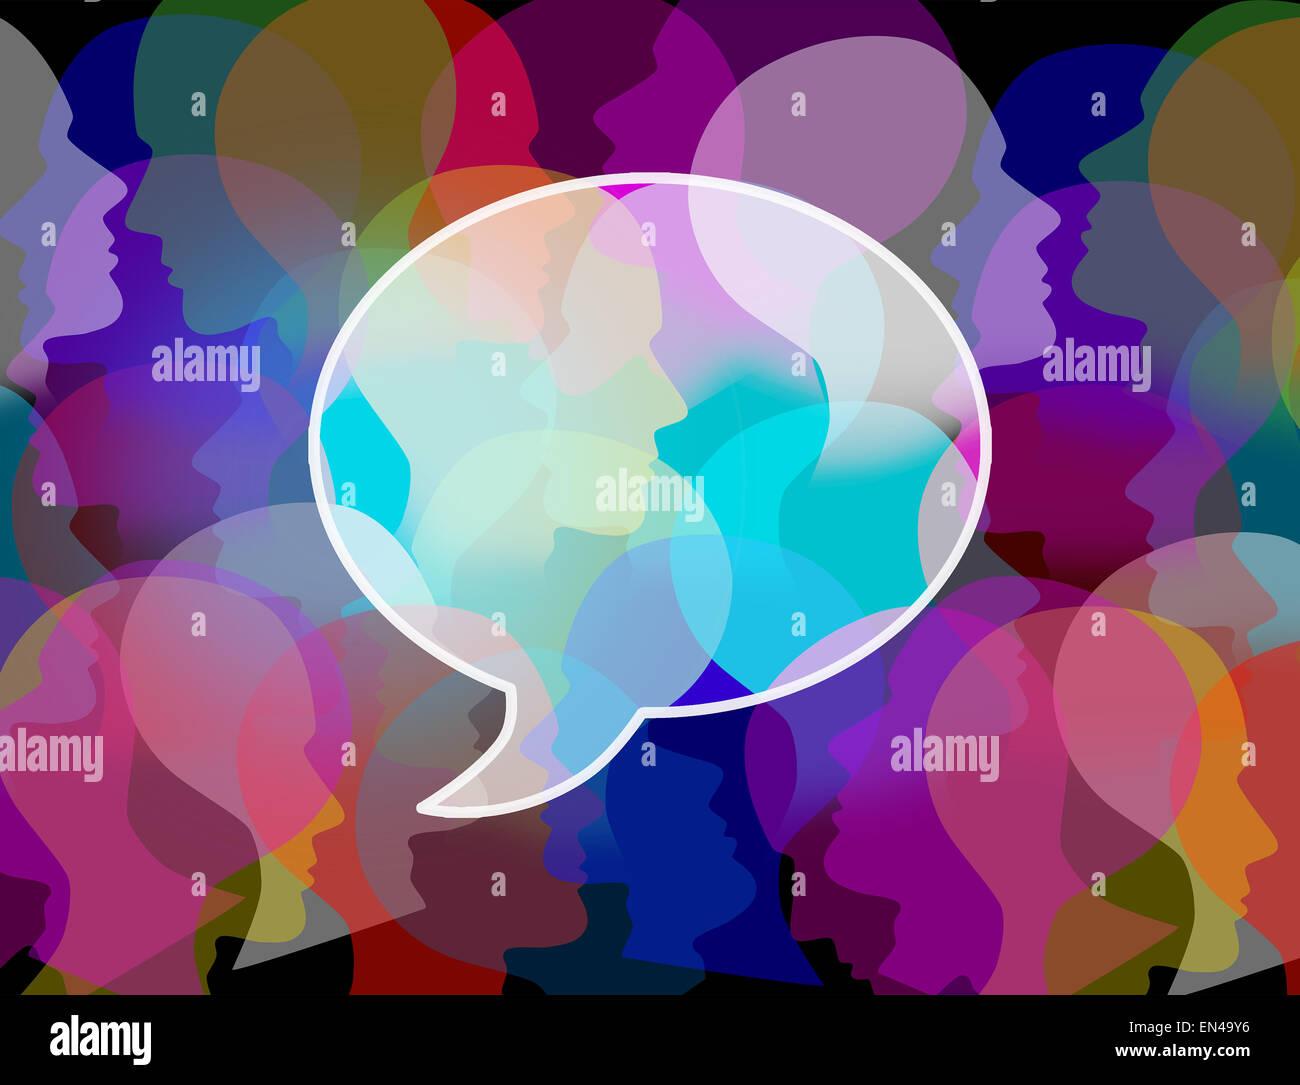 La foule des gens comme symbole d'un grand groupe public sous forme d'une conférence ou bulle de chat sous la forme d'une icône pour la société et de la population de la communication et les médias sociaux la discussion. Banque D'Images